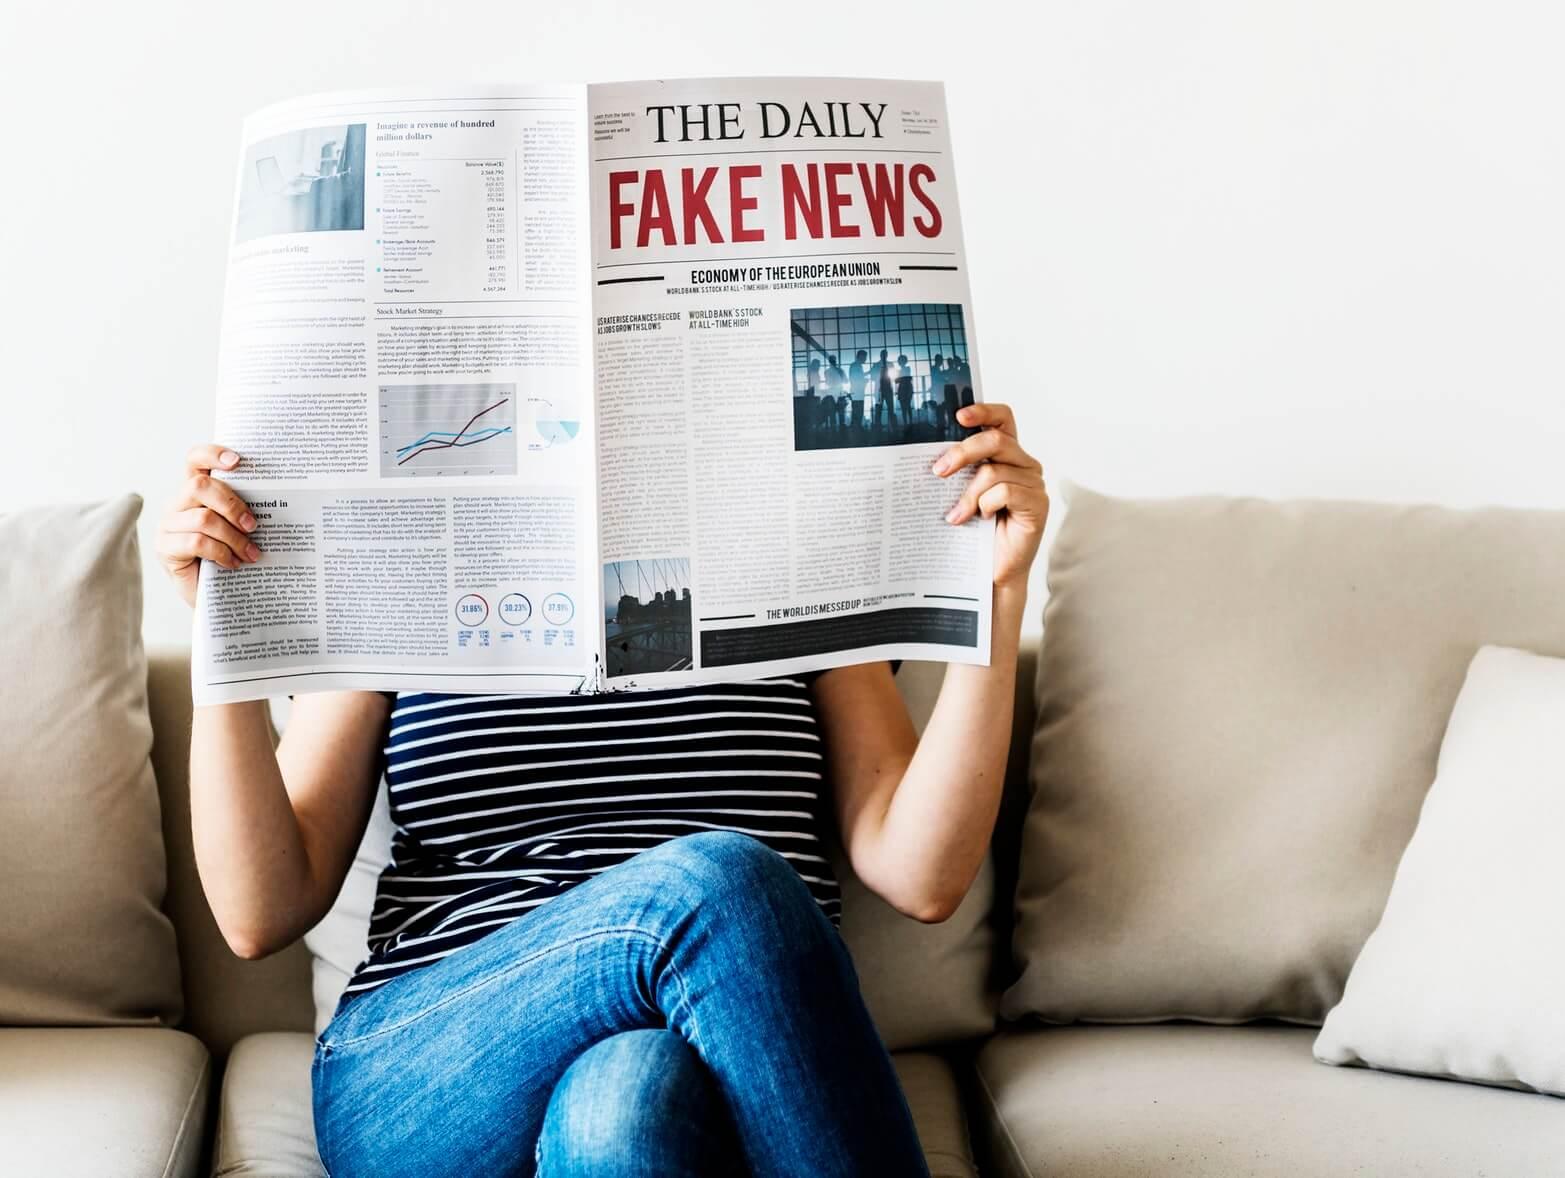 Novo istraživanje najviše krivi starije ljude kao djelitelje lažnih vijesti